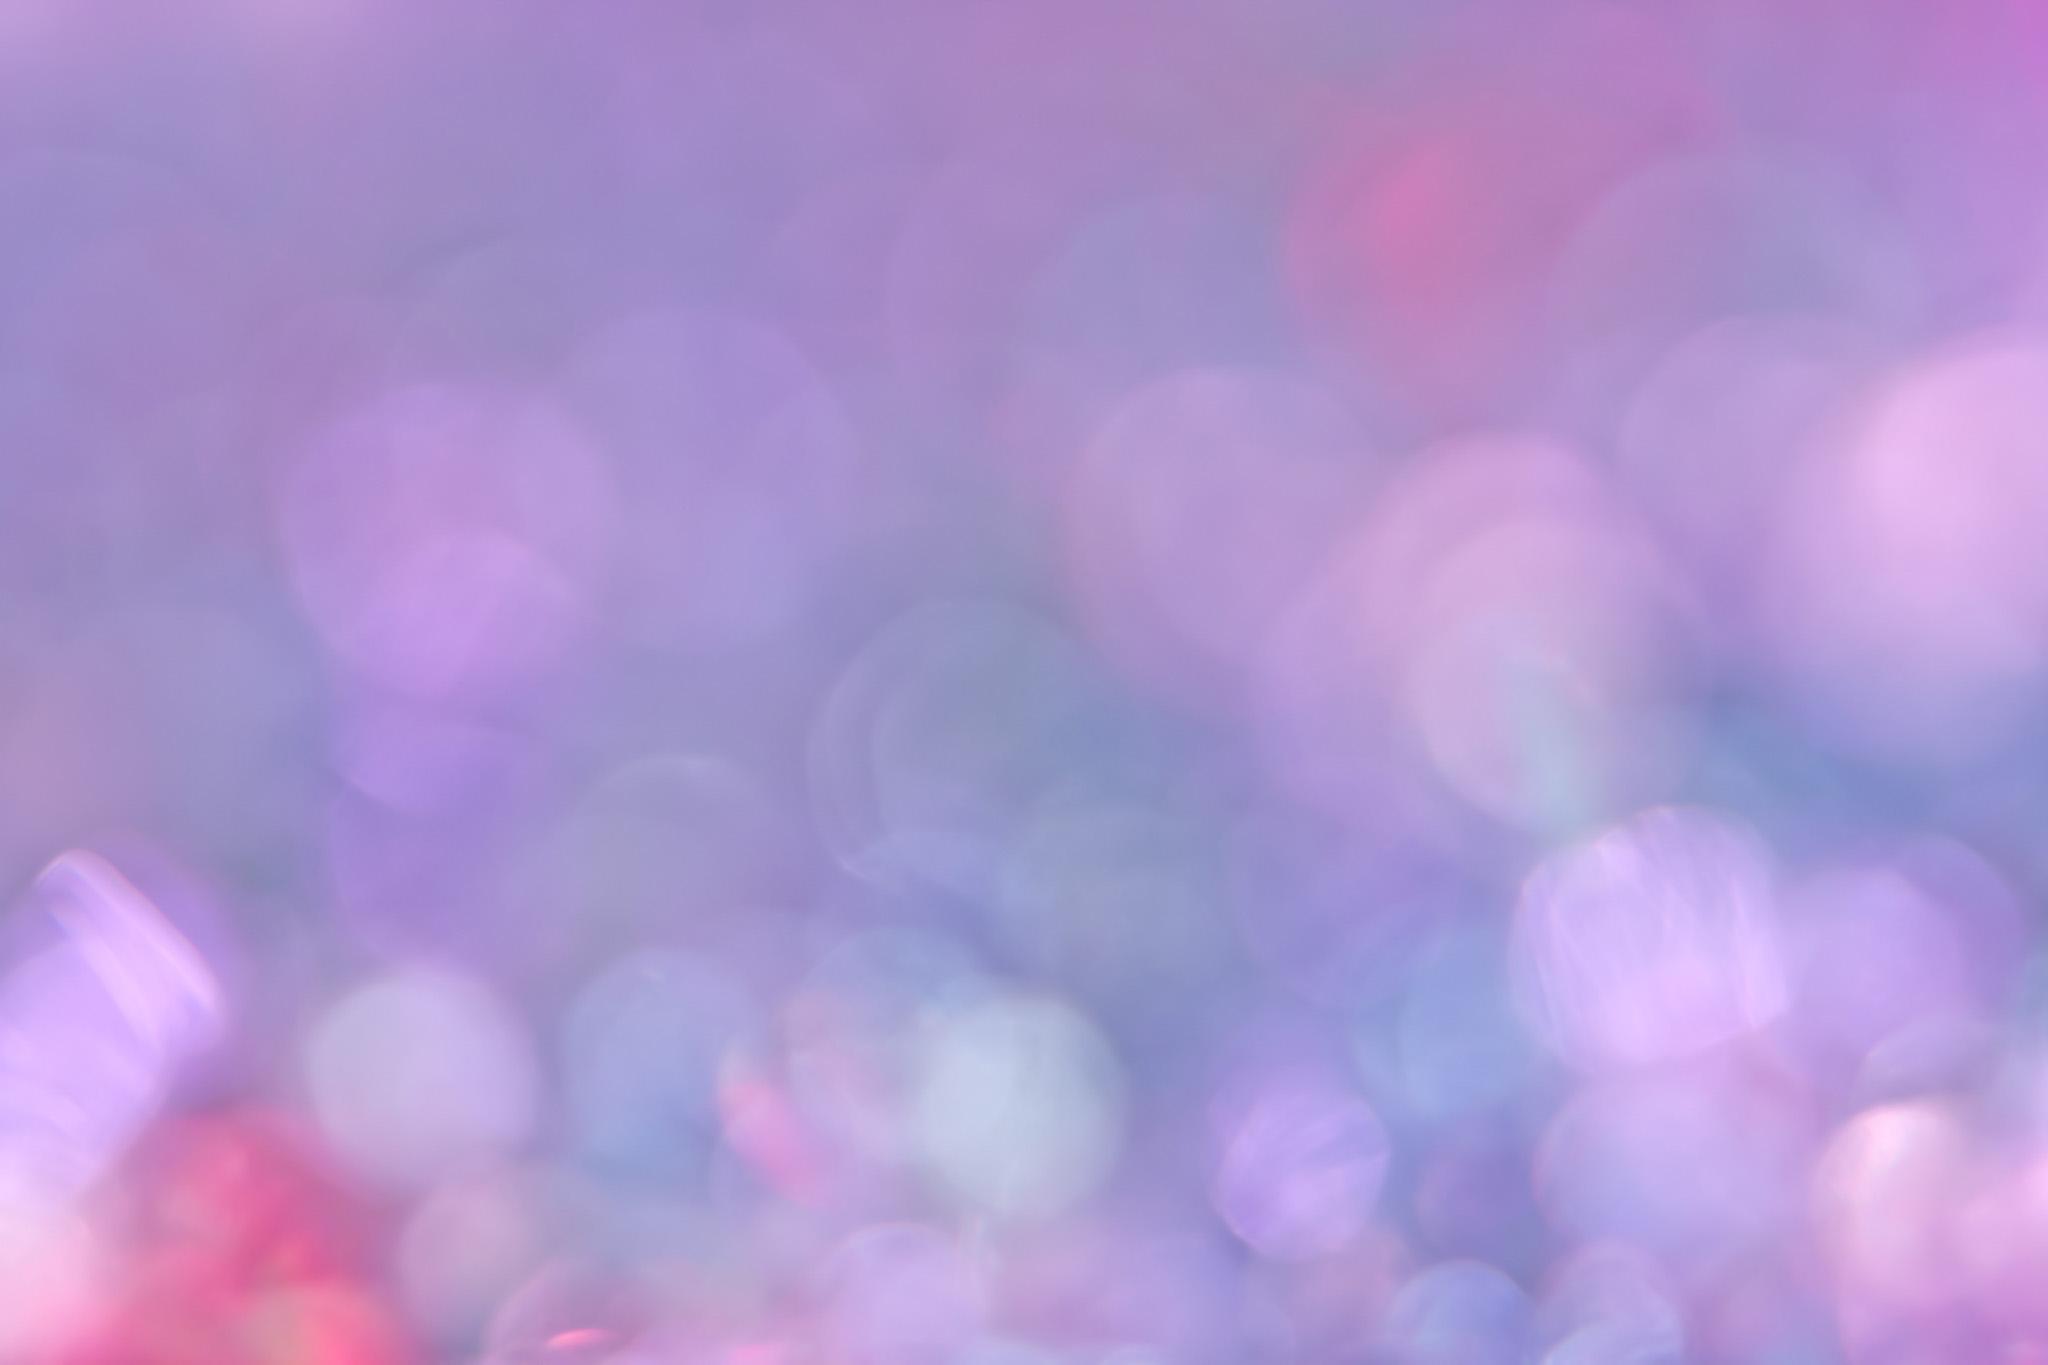 薄紫色の鈍い光